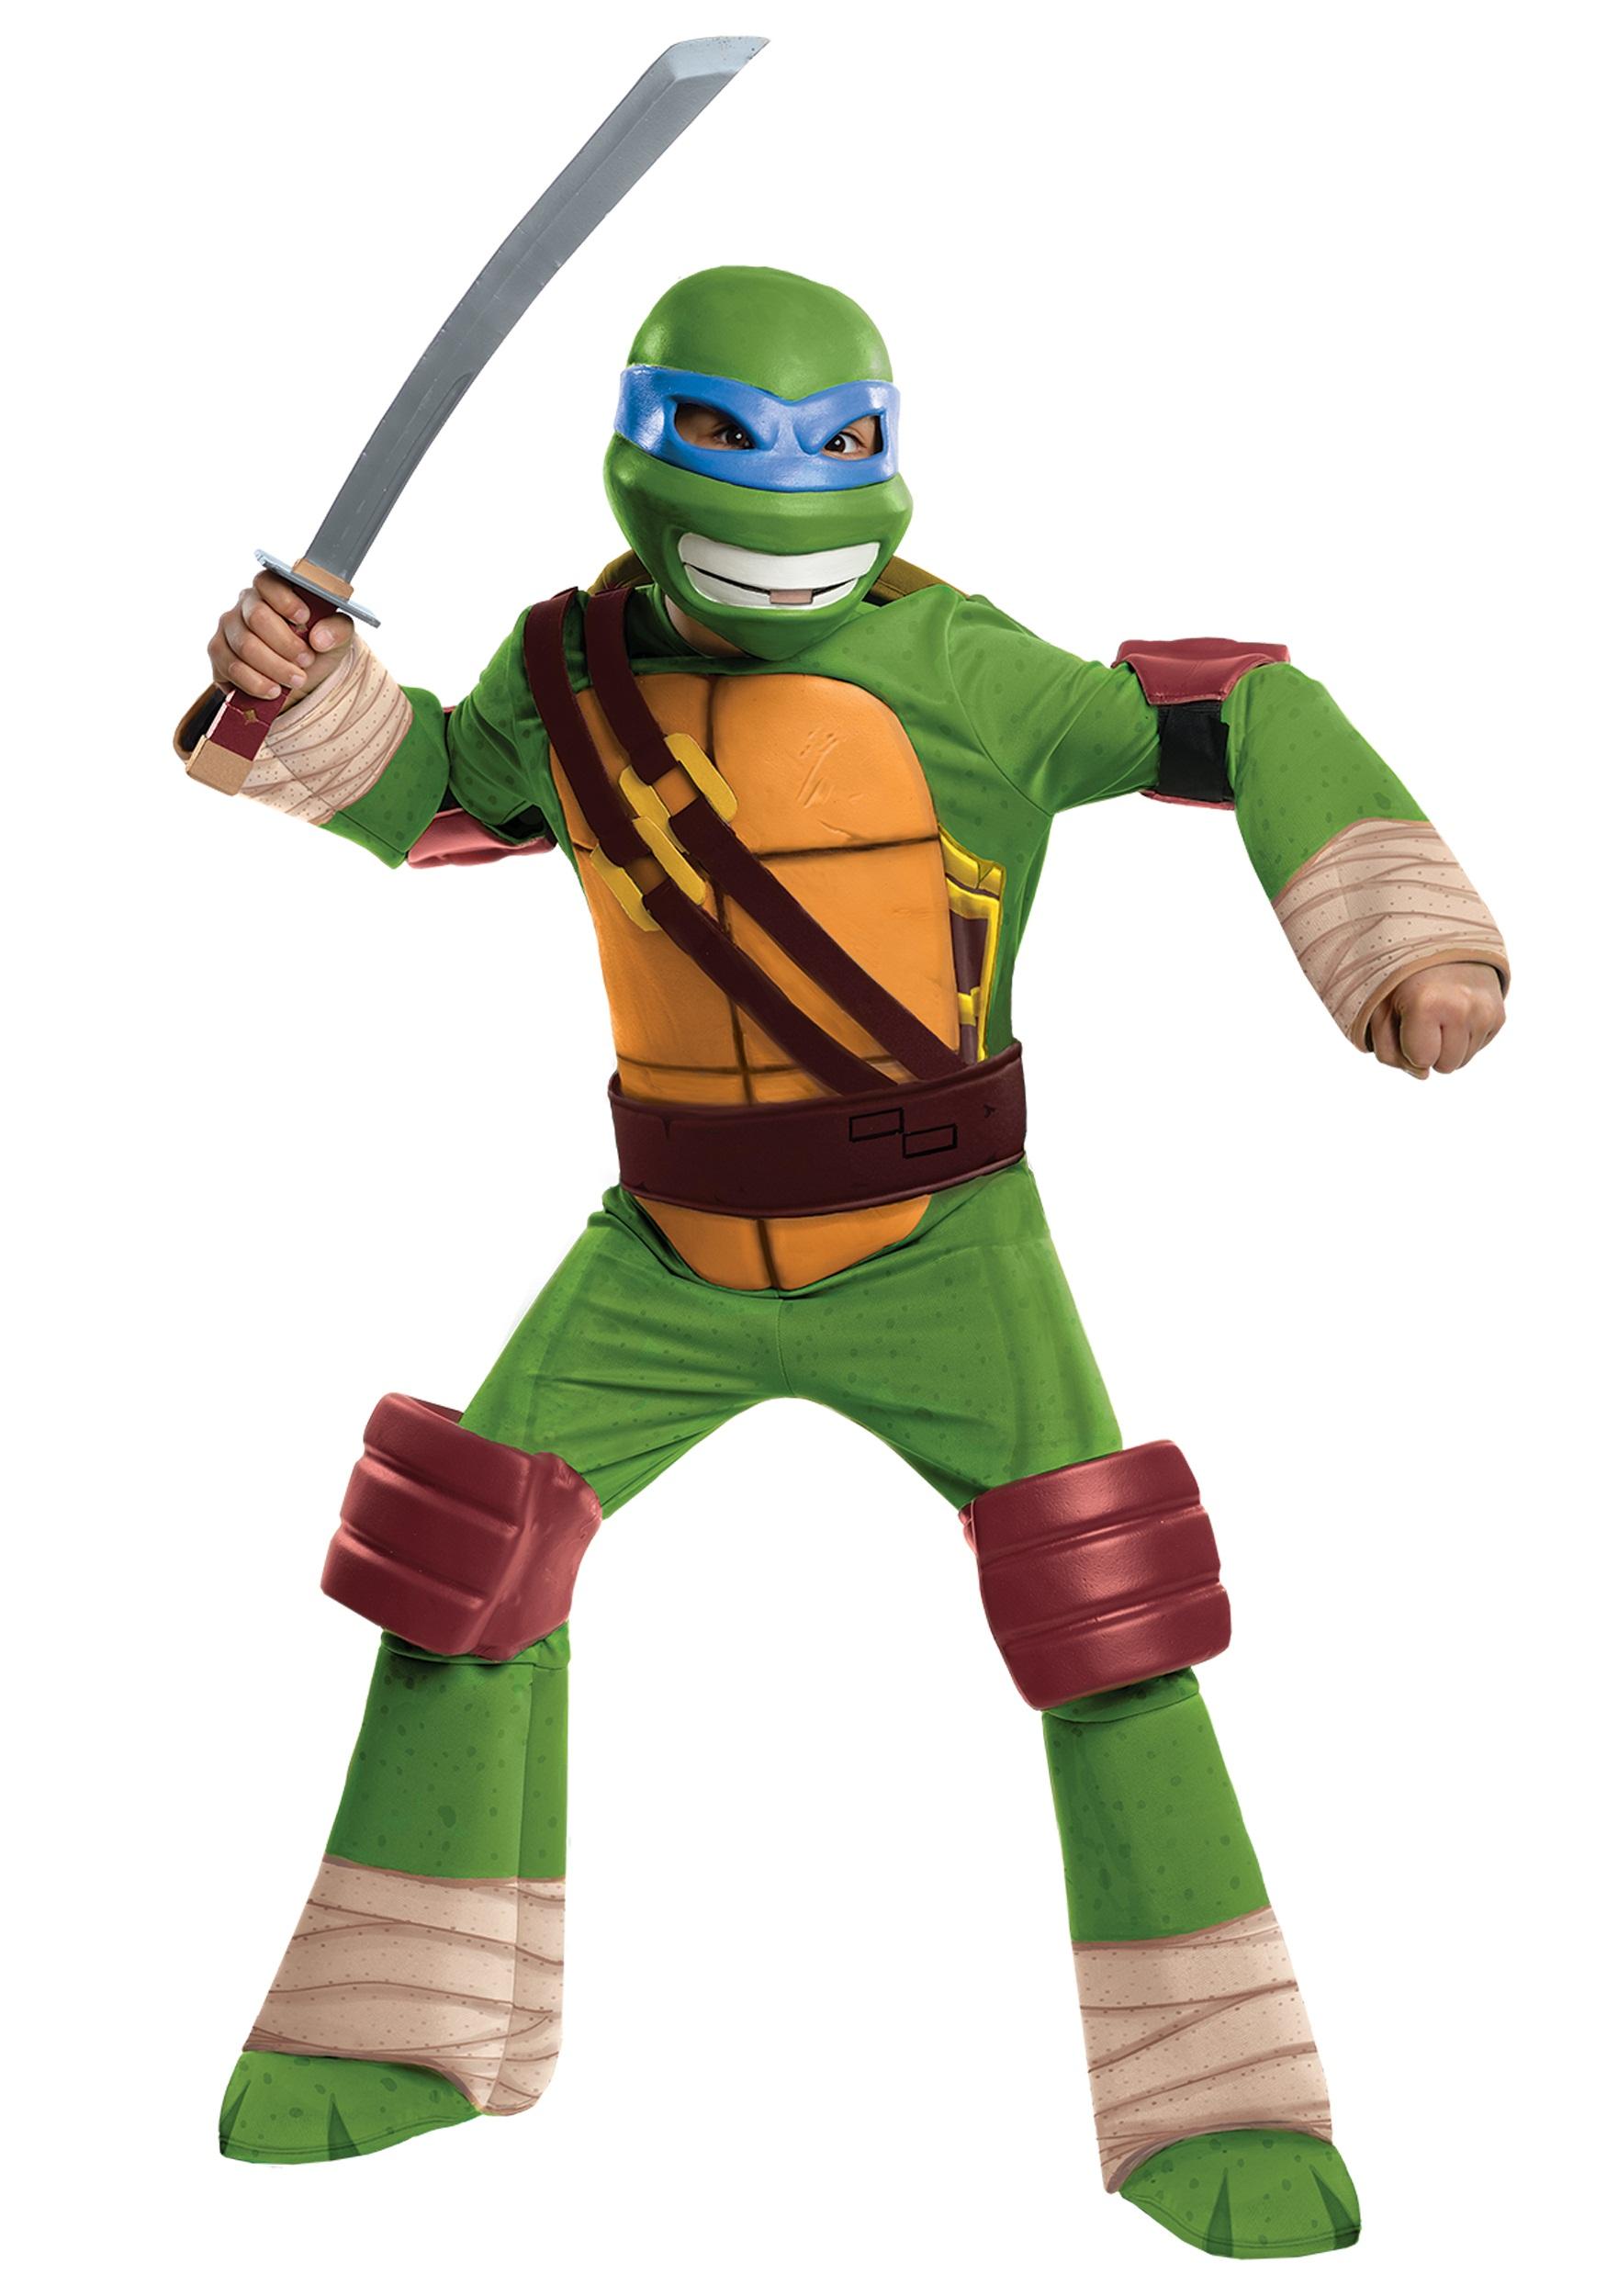 Ninja Toys For Girls : Deluxe tmnt leonardo costume for boys